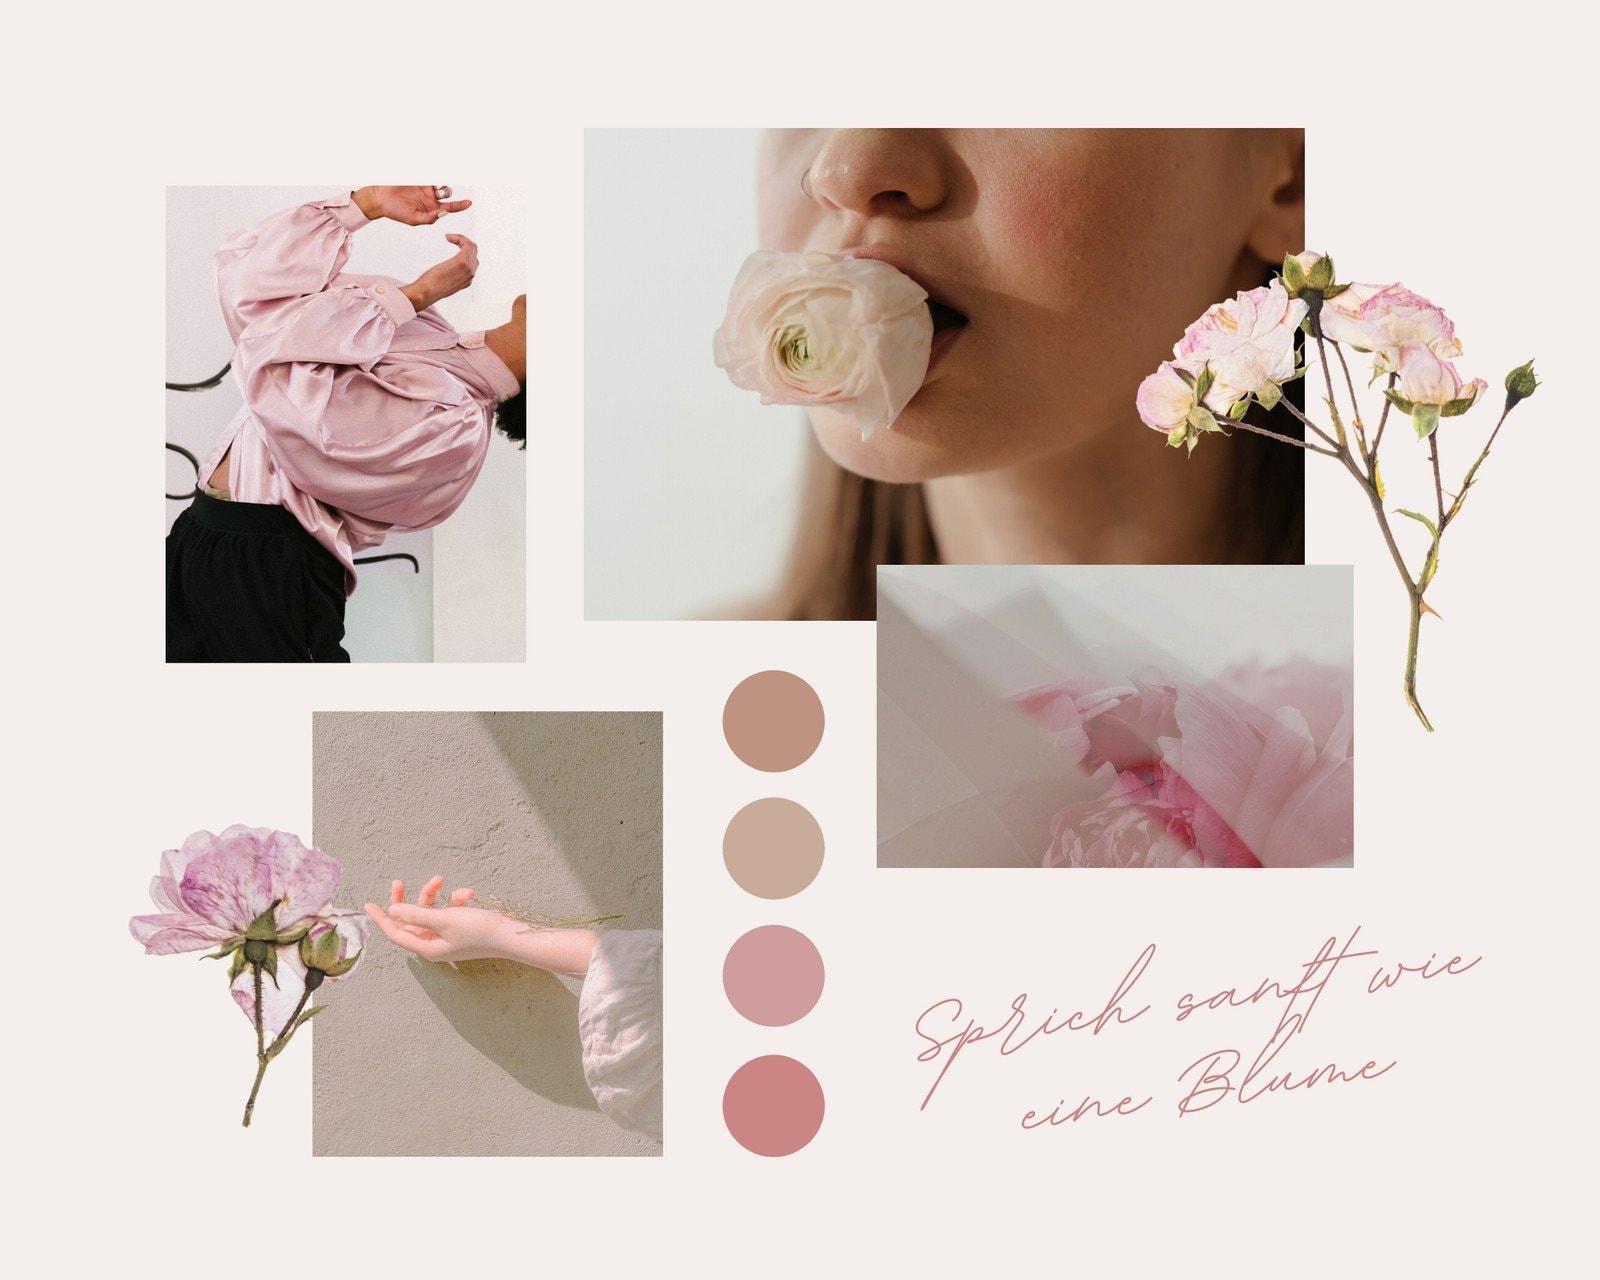 Rosa Weich und Zart Blumen Farbe Inspiration Moodboard Foto-Collage